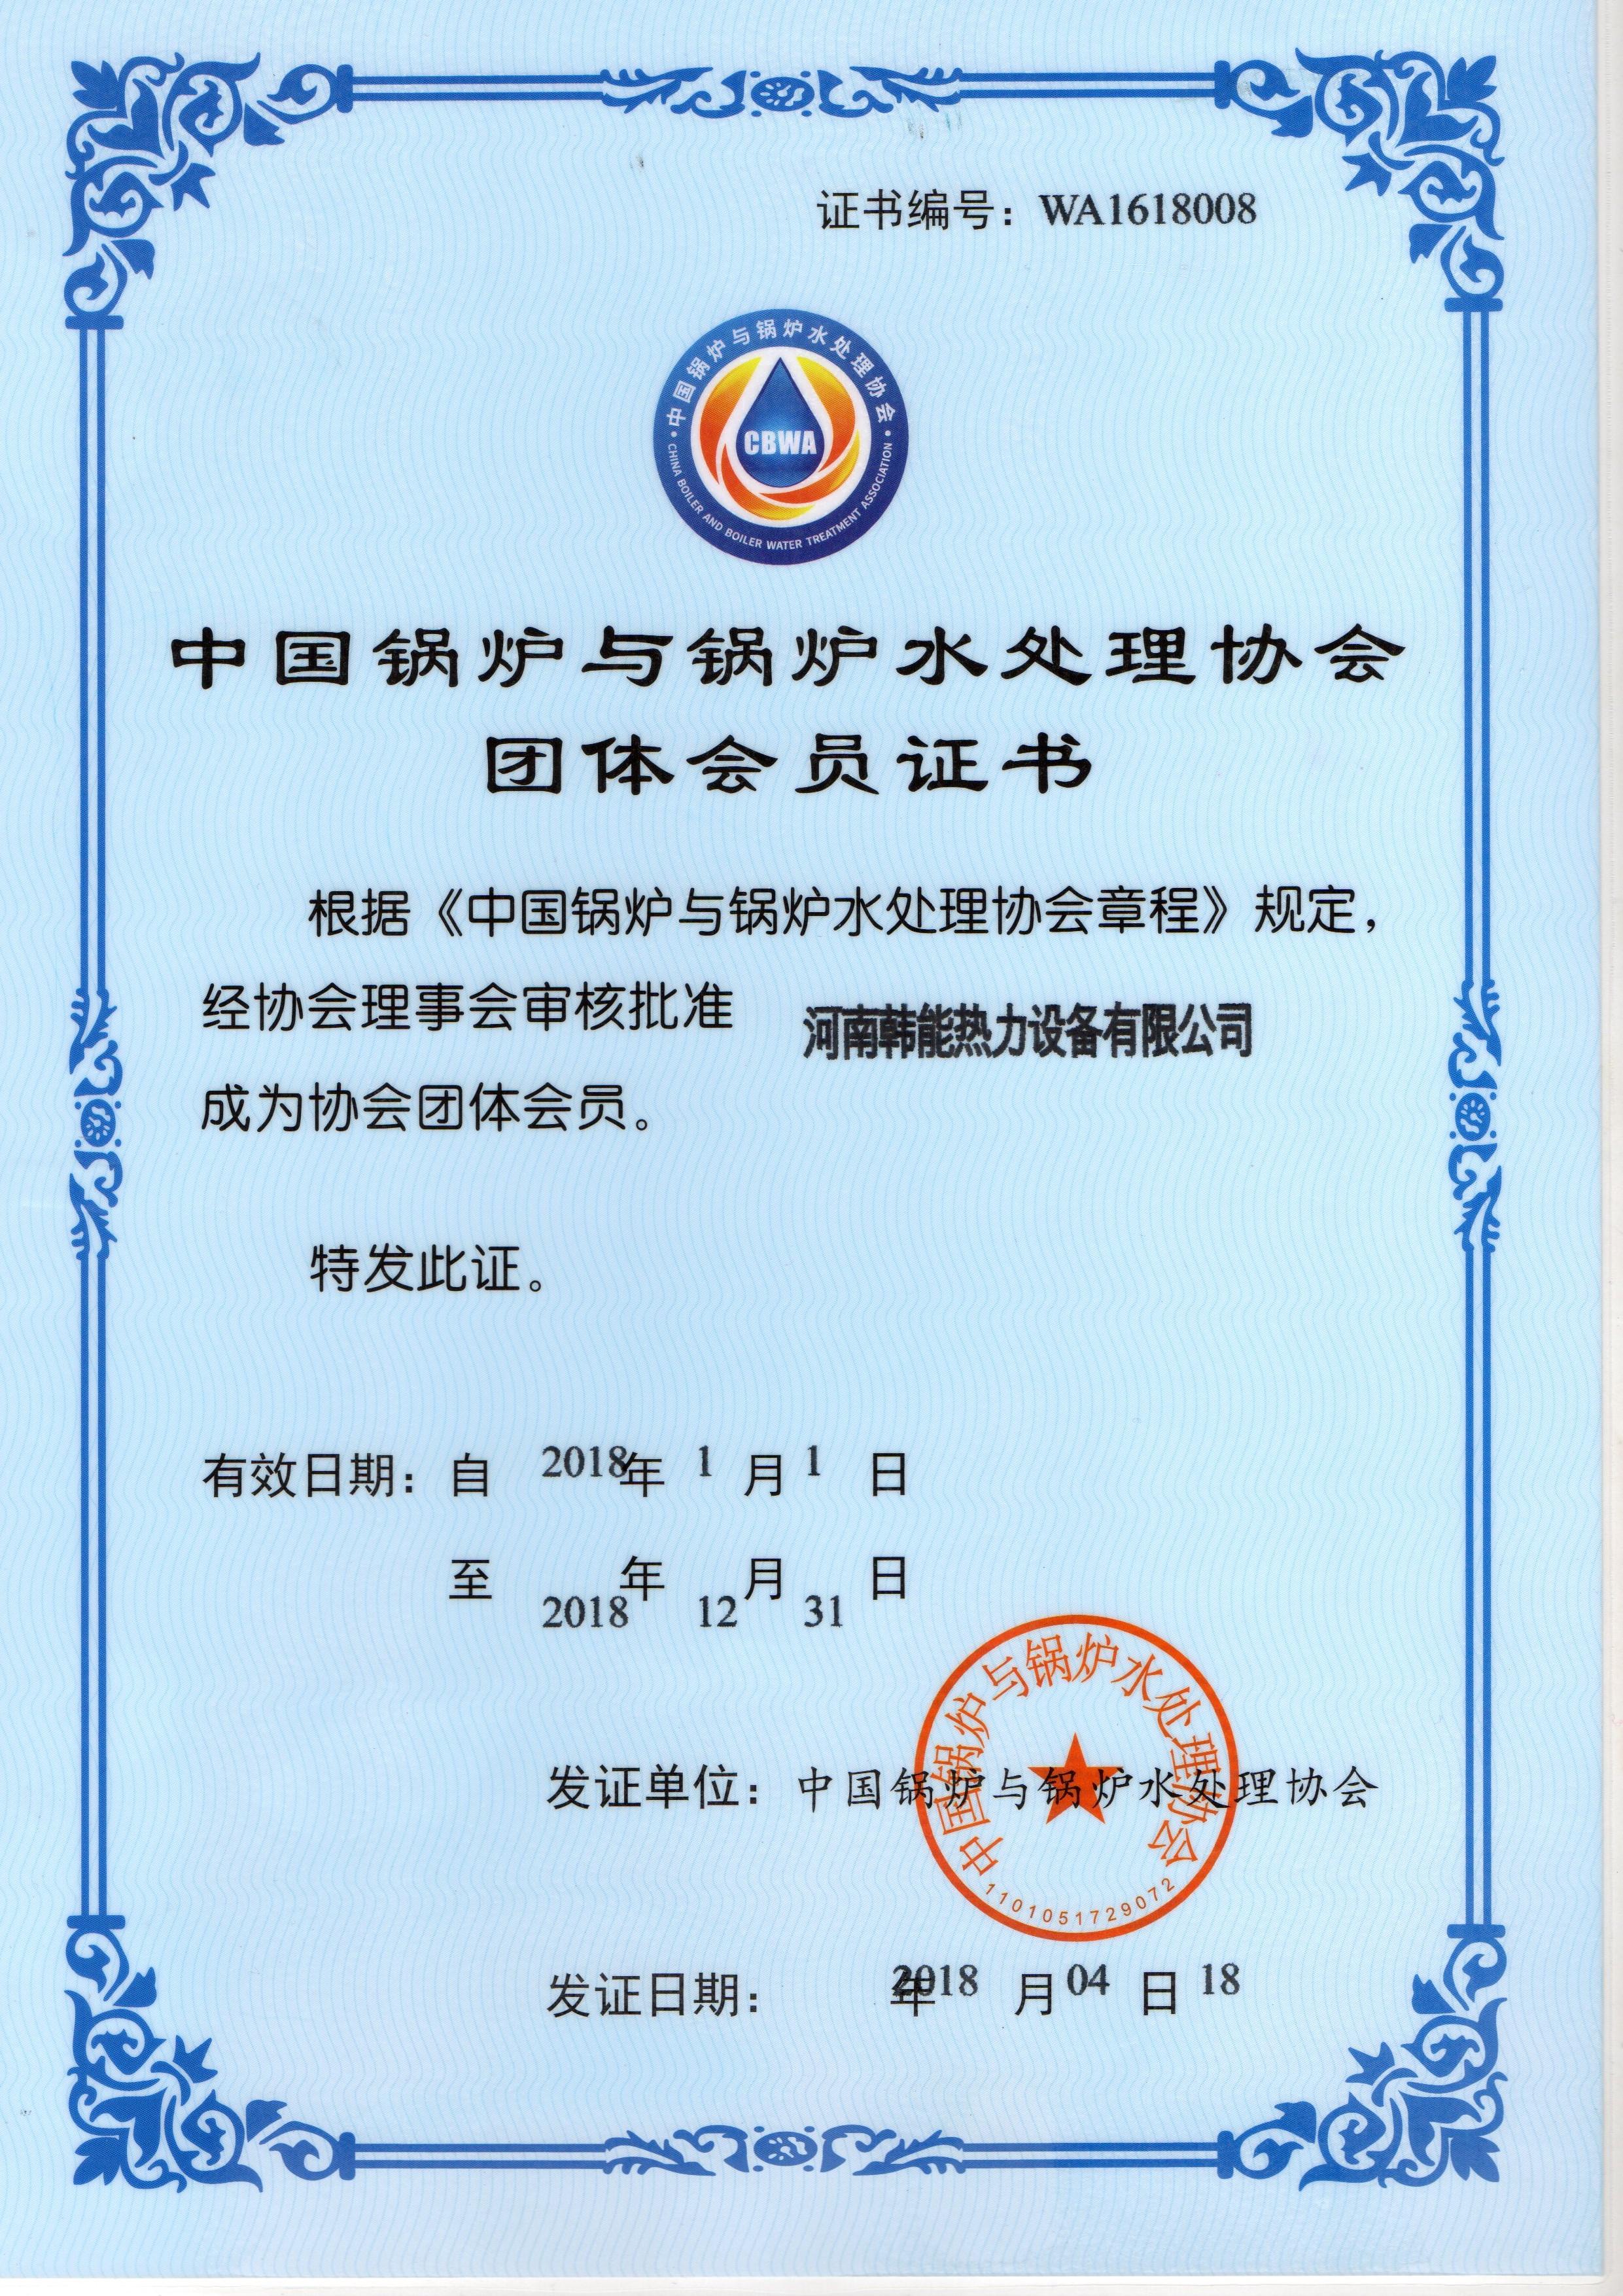 中国锅炉与锅炉水处理协会团体会员证书